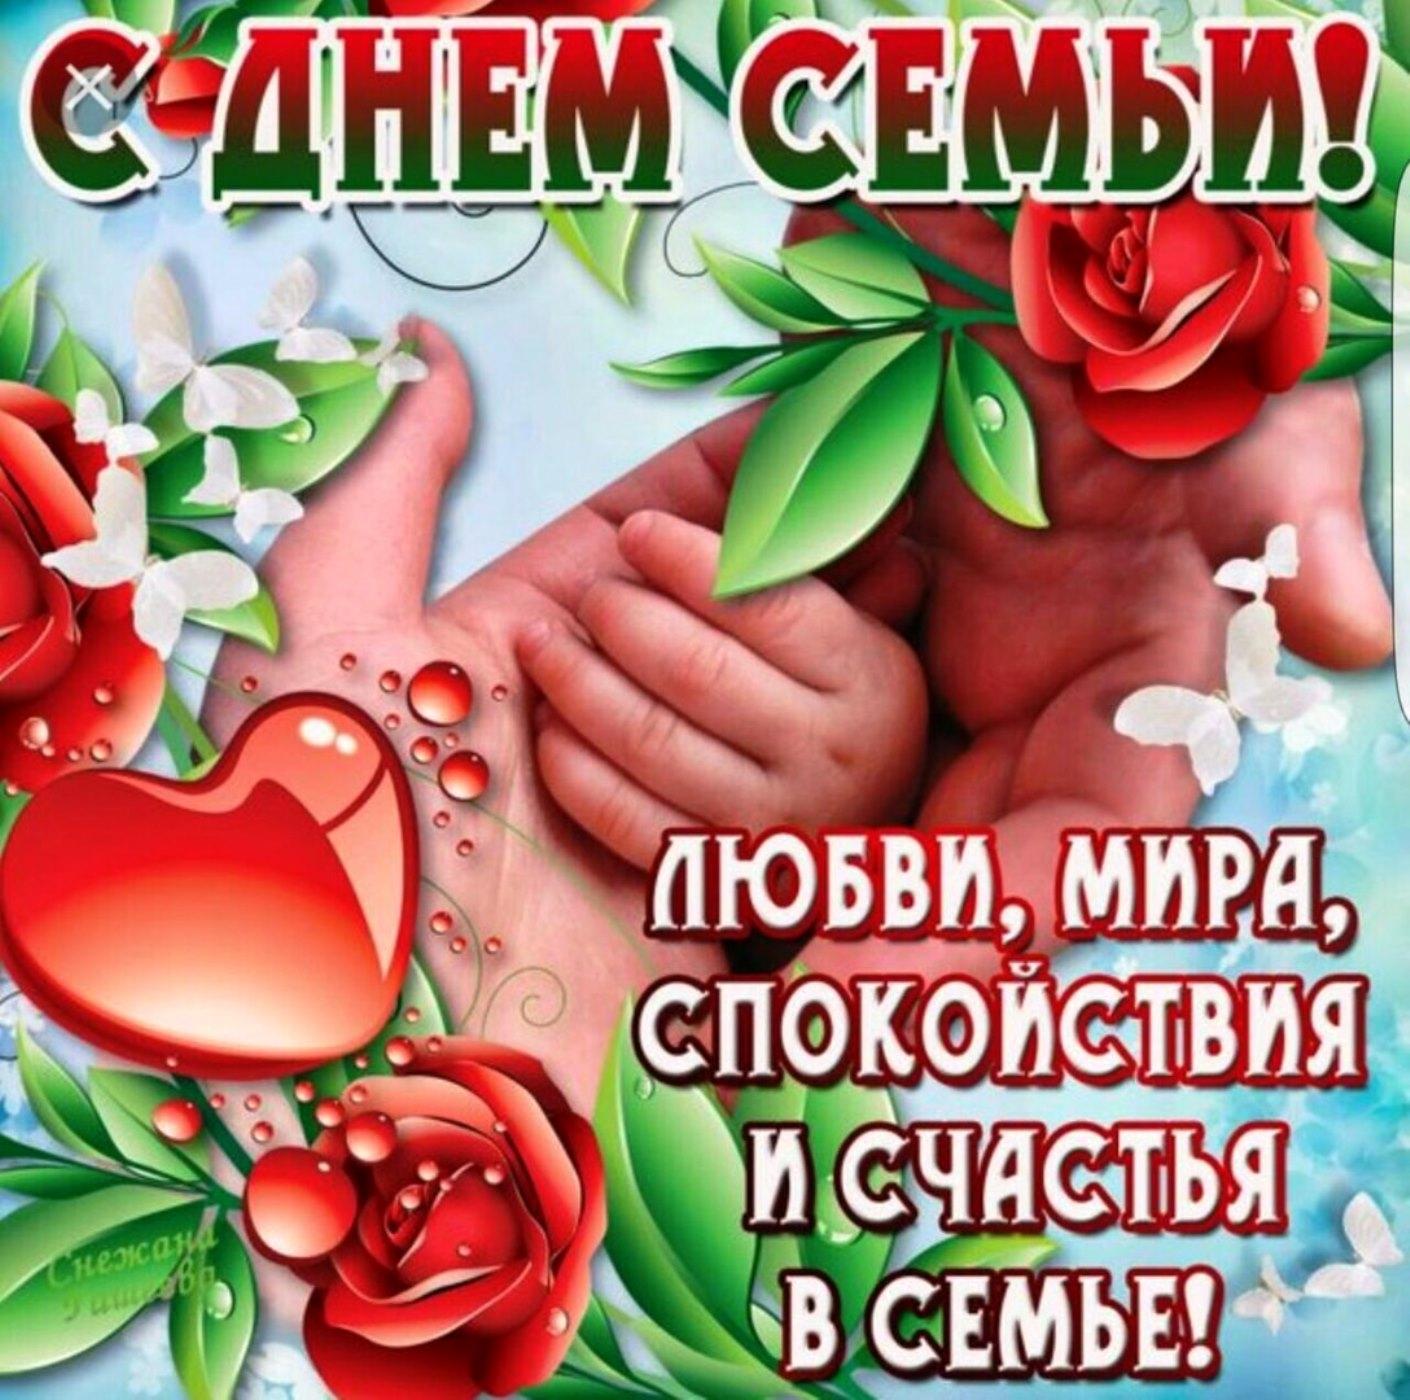 С днем семьи 15 мая картинки поздравления